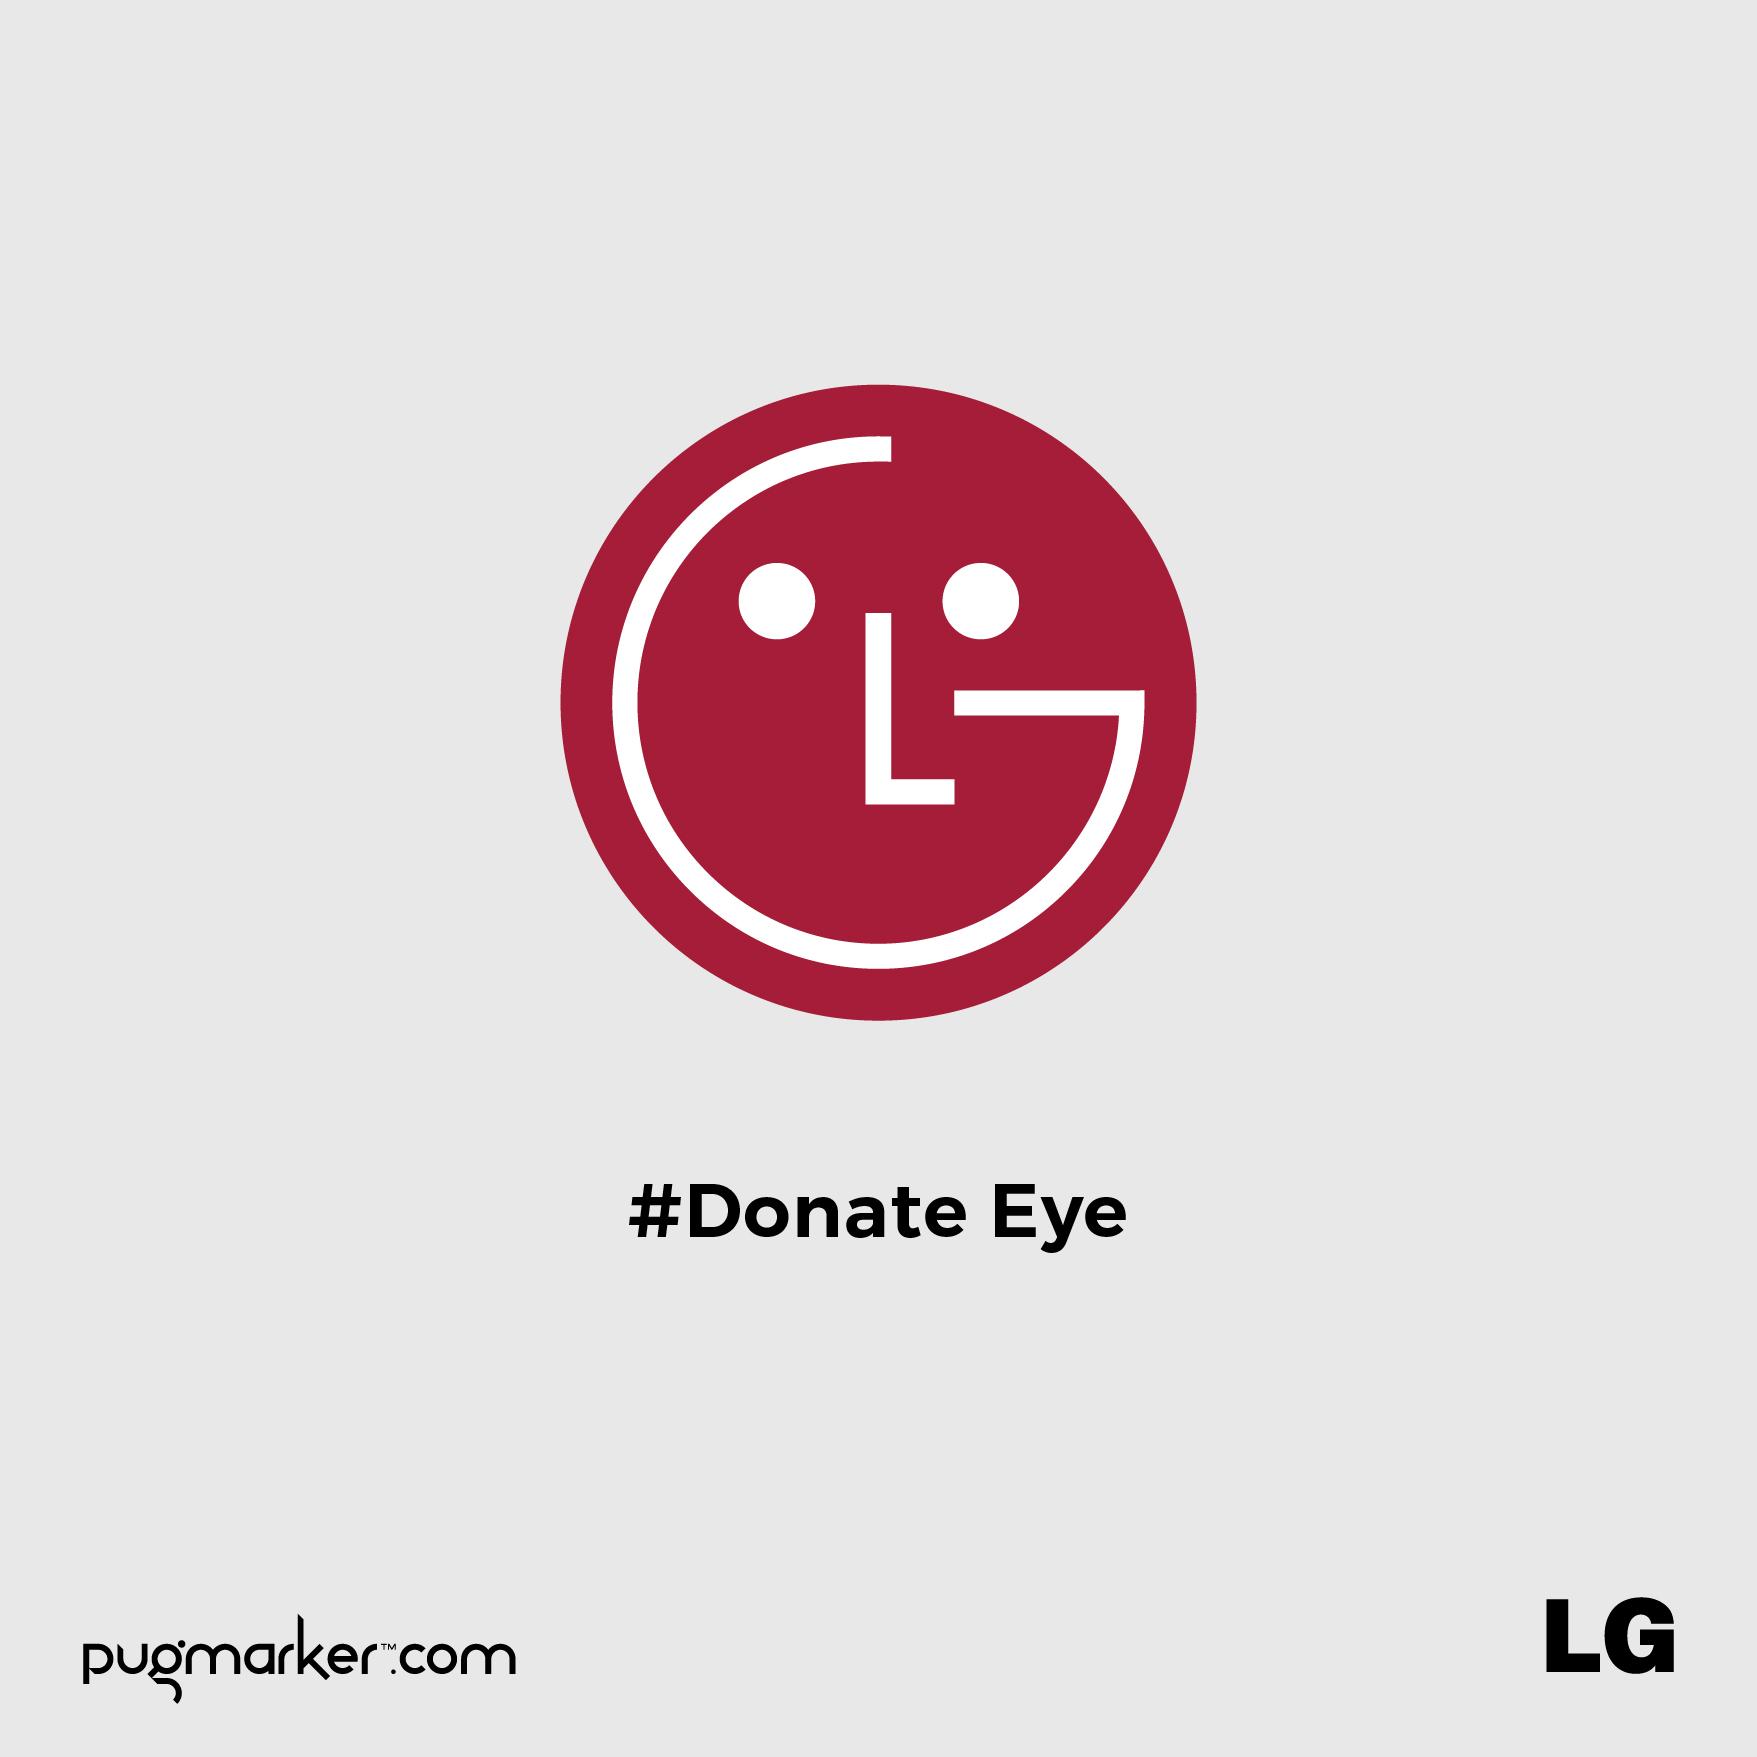 LG - Donate Eye